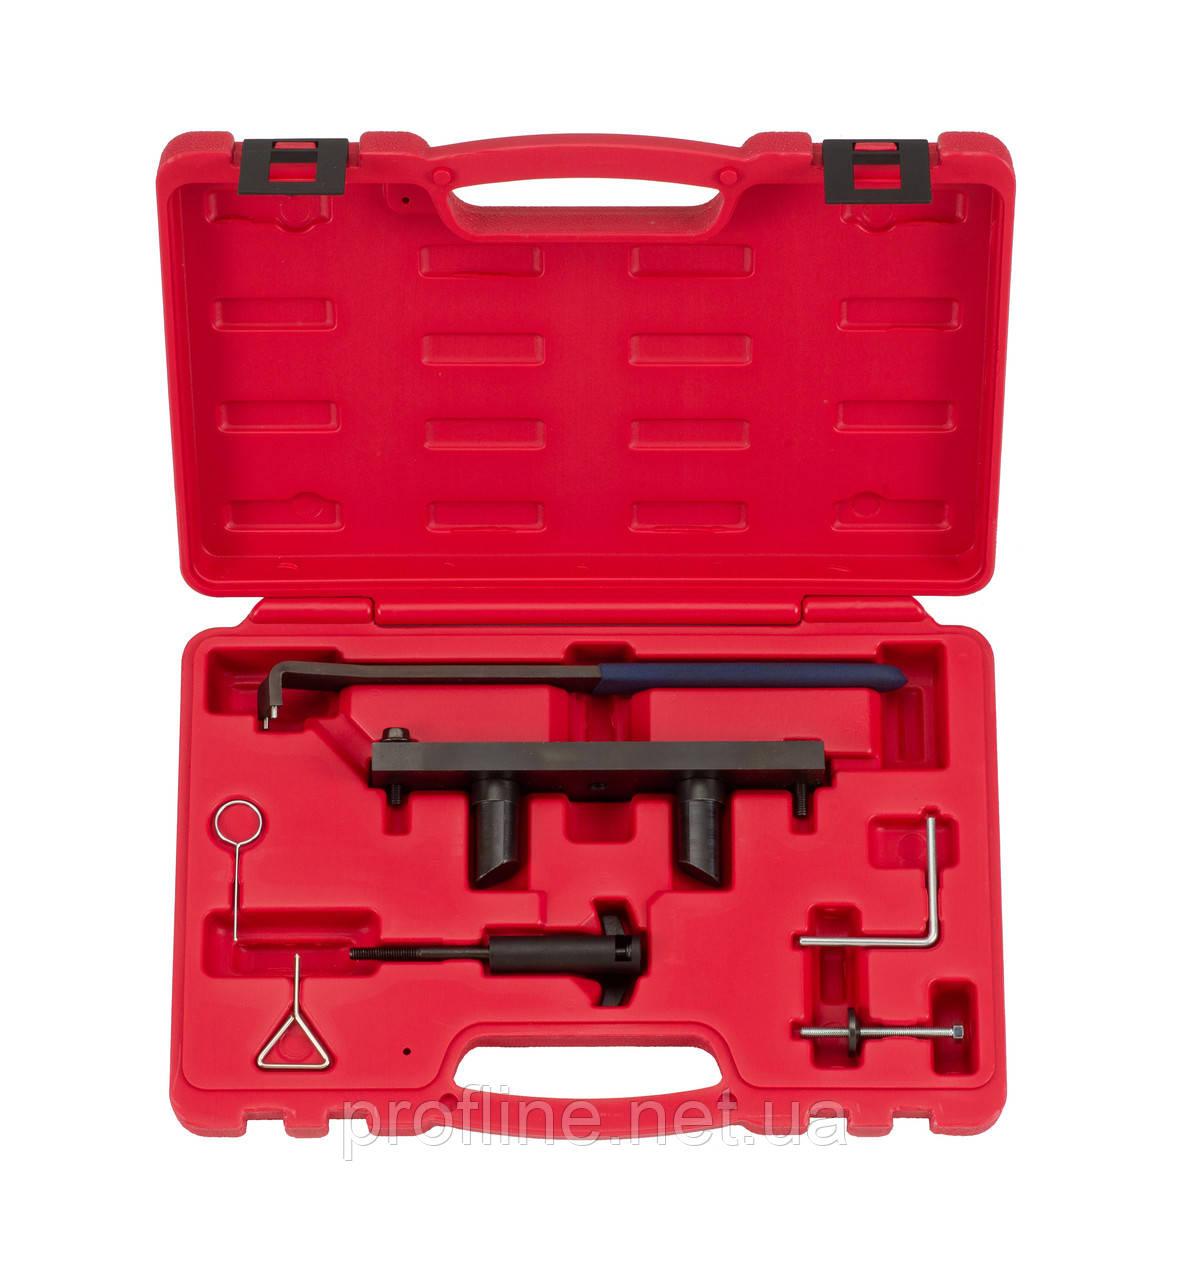 Набор для установки фаз ГРМ VW, AUDI (VAG 2.0 FSI) 7 пр. Force 907G13 F